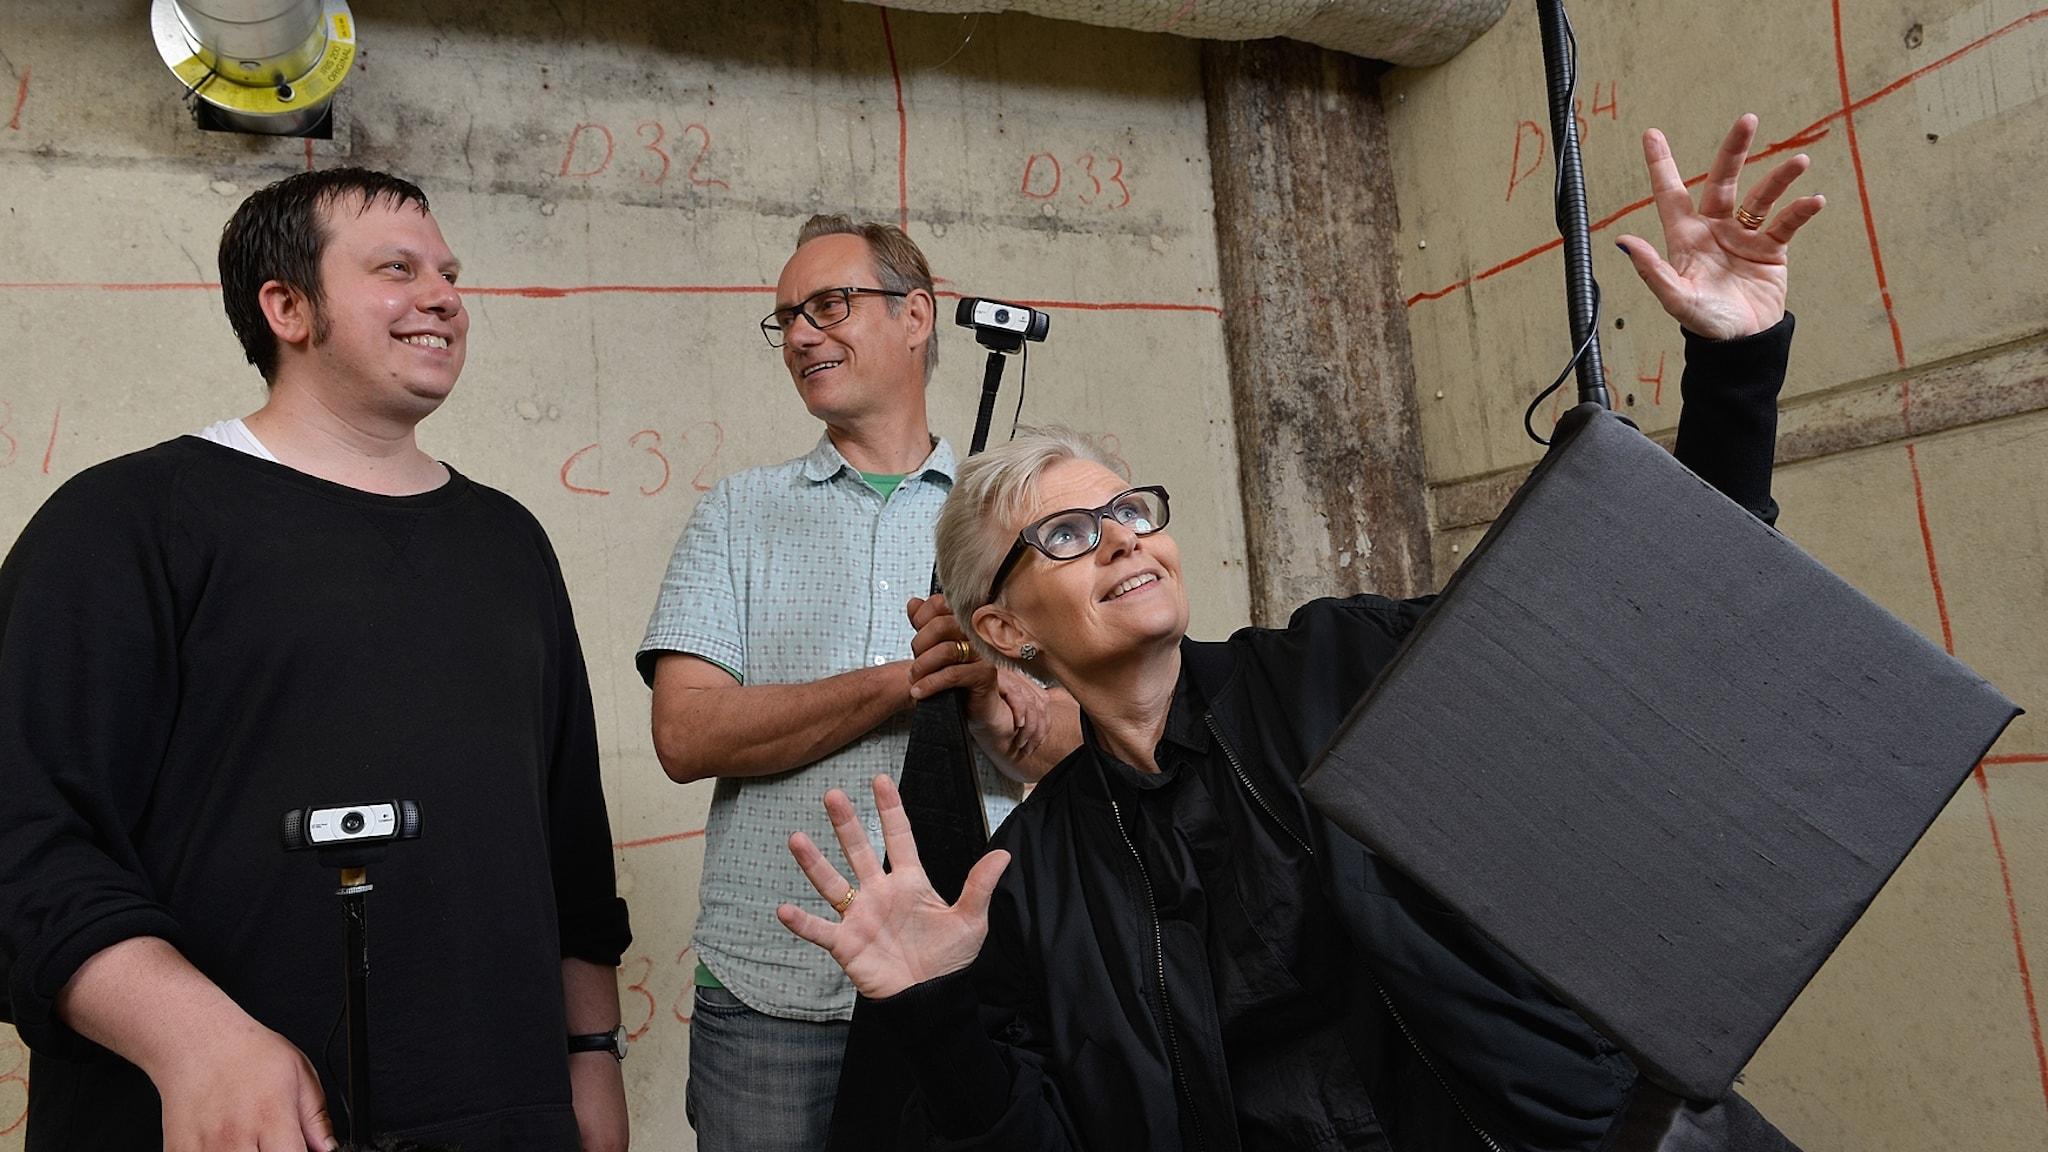 Ludvig Elblaus, Carl Unander-Scharin och Åsa Unander-Scharin. Foto: Arne Hyckenberg.